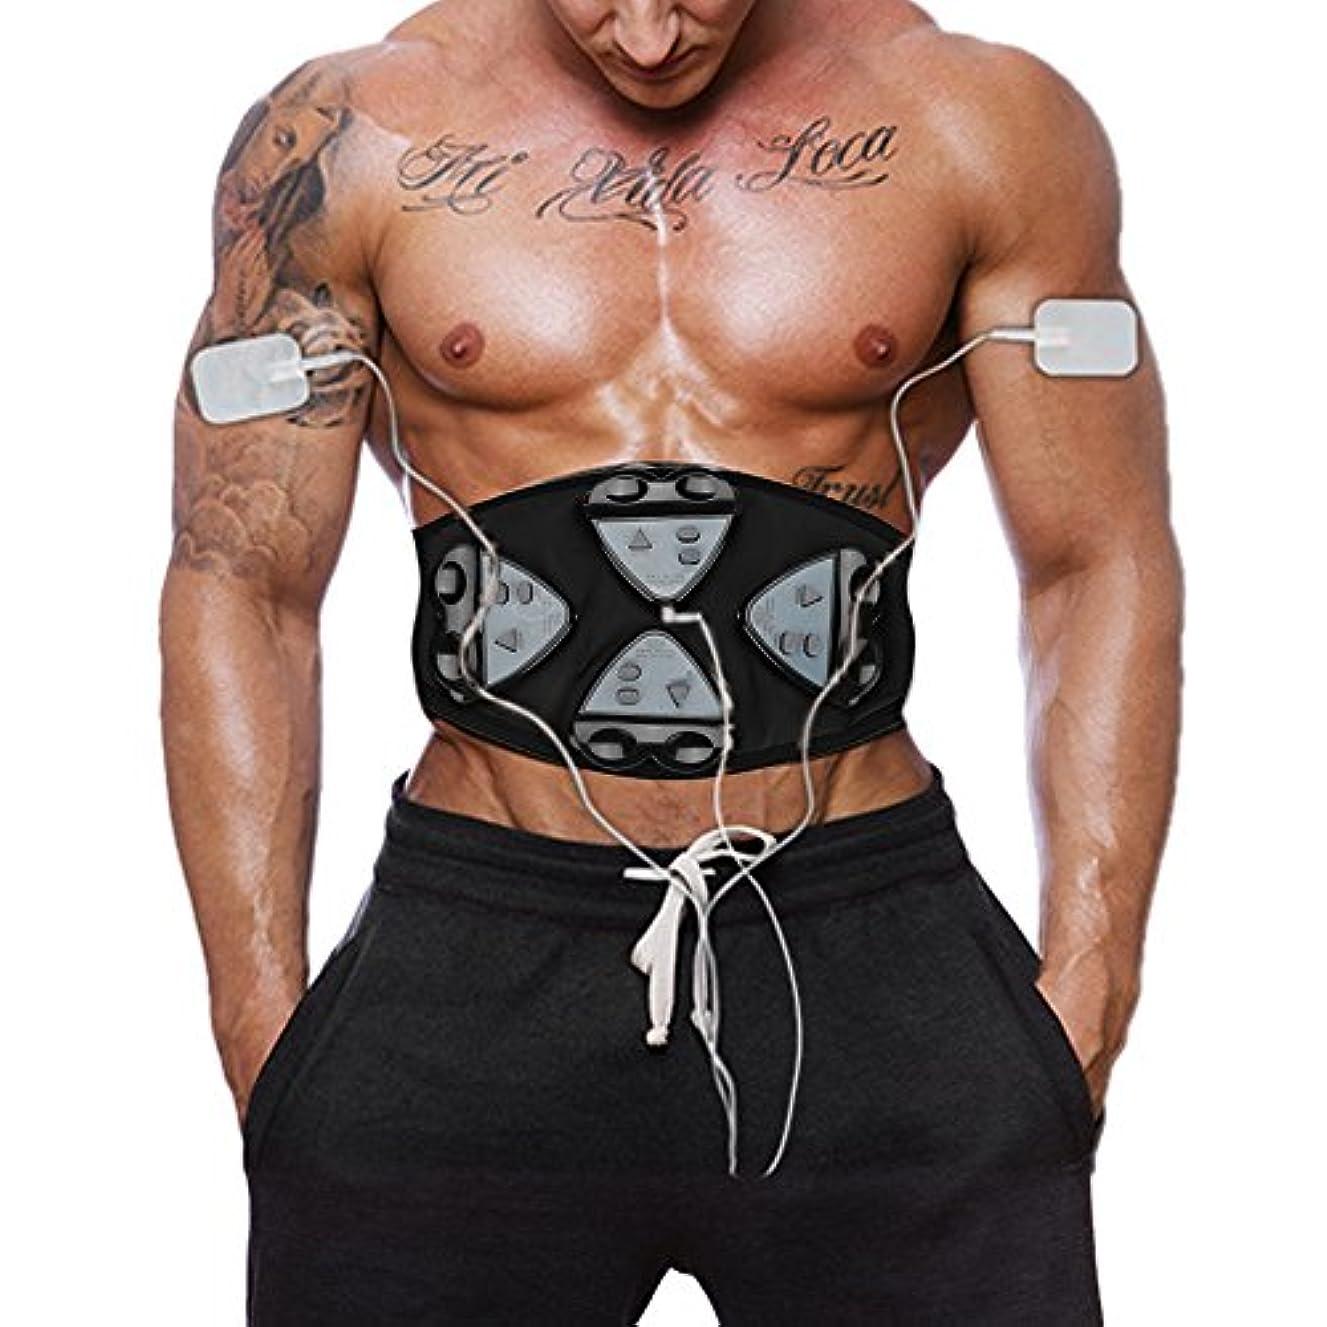 表面的な予言する紳士腹筋ベルトEMS腹筋刺激筋力トレーニング筋力トレーニング腹部トレーニング4コントローラベルト